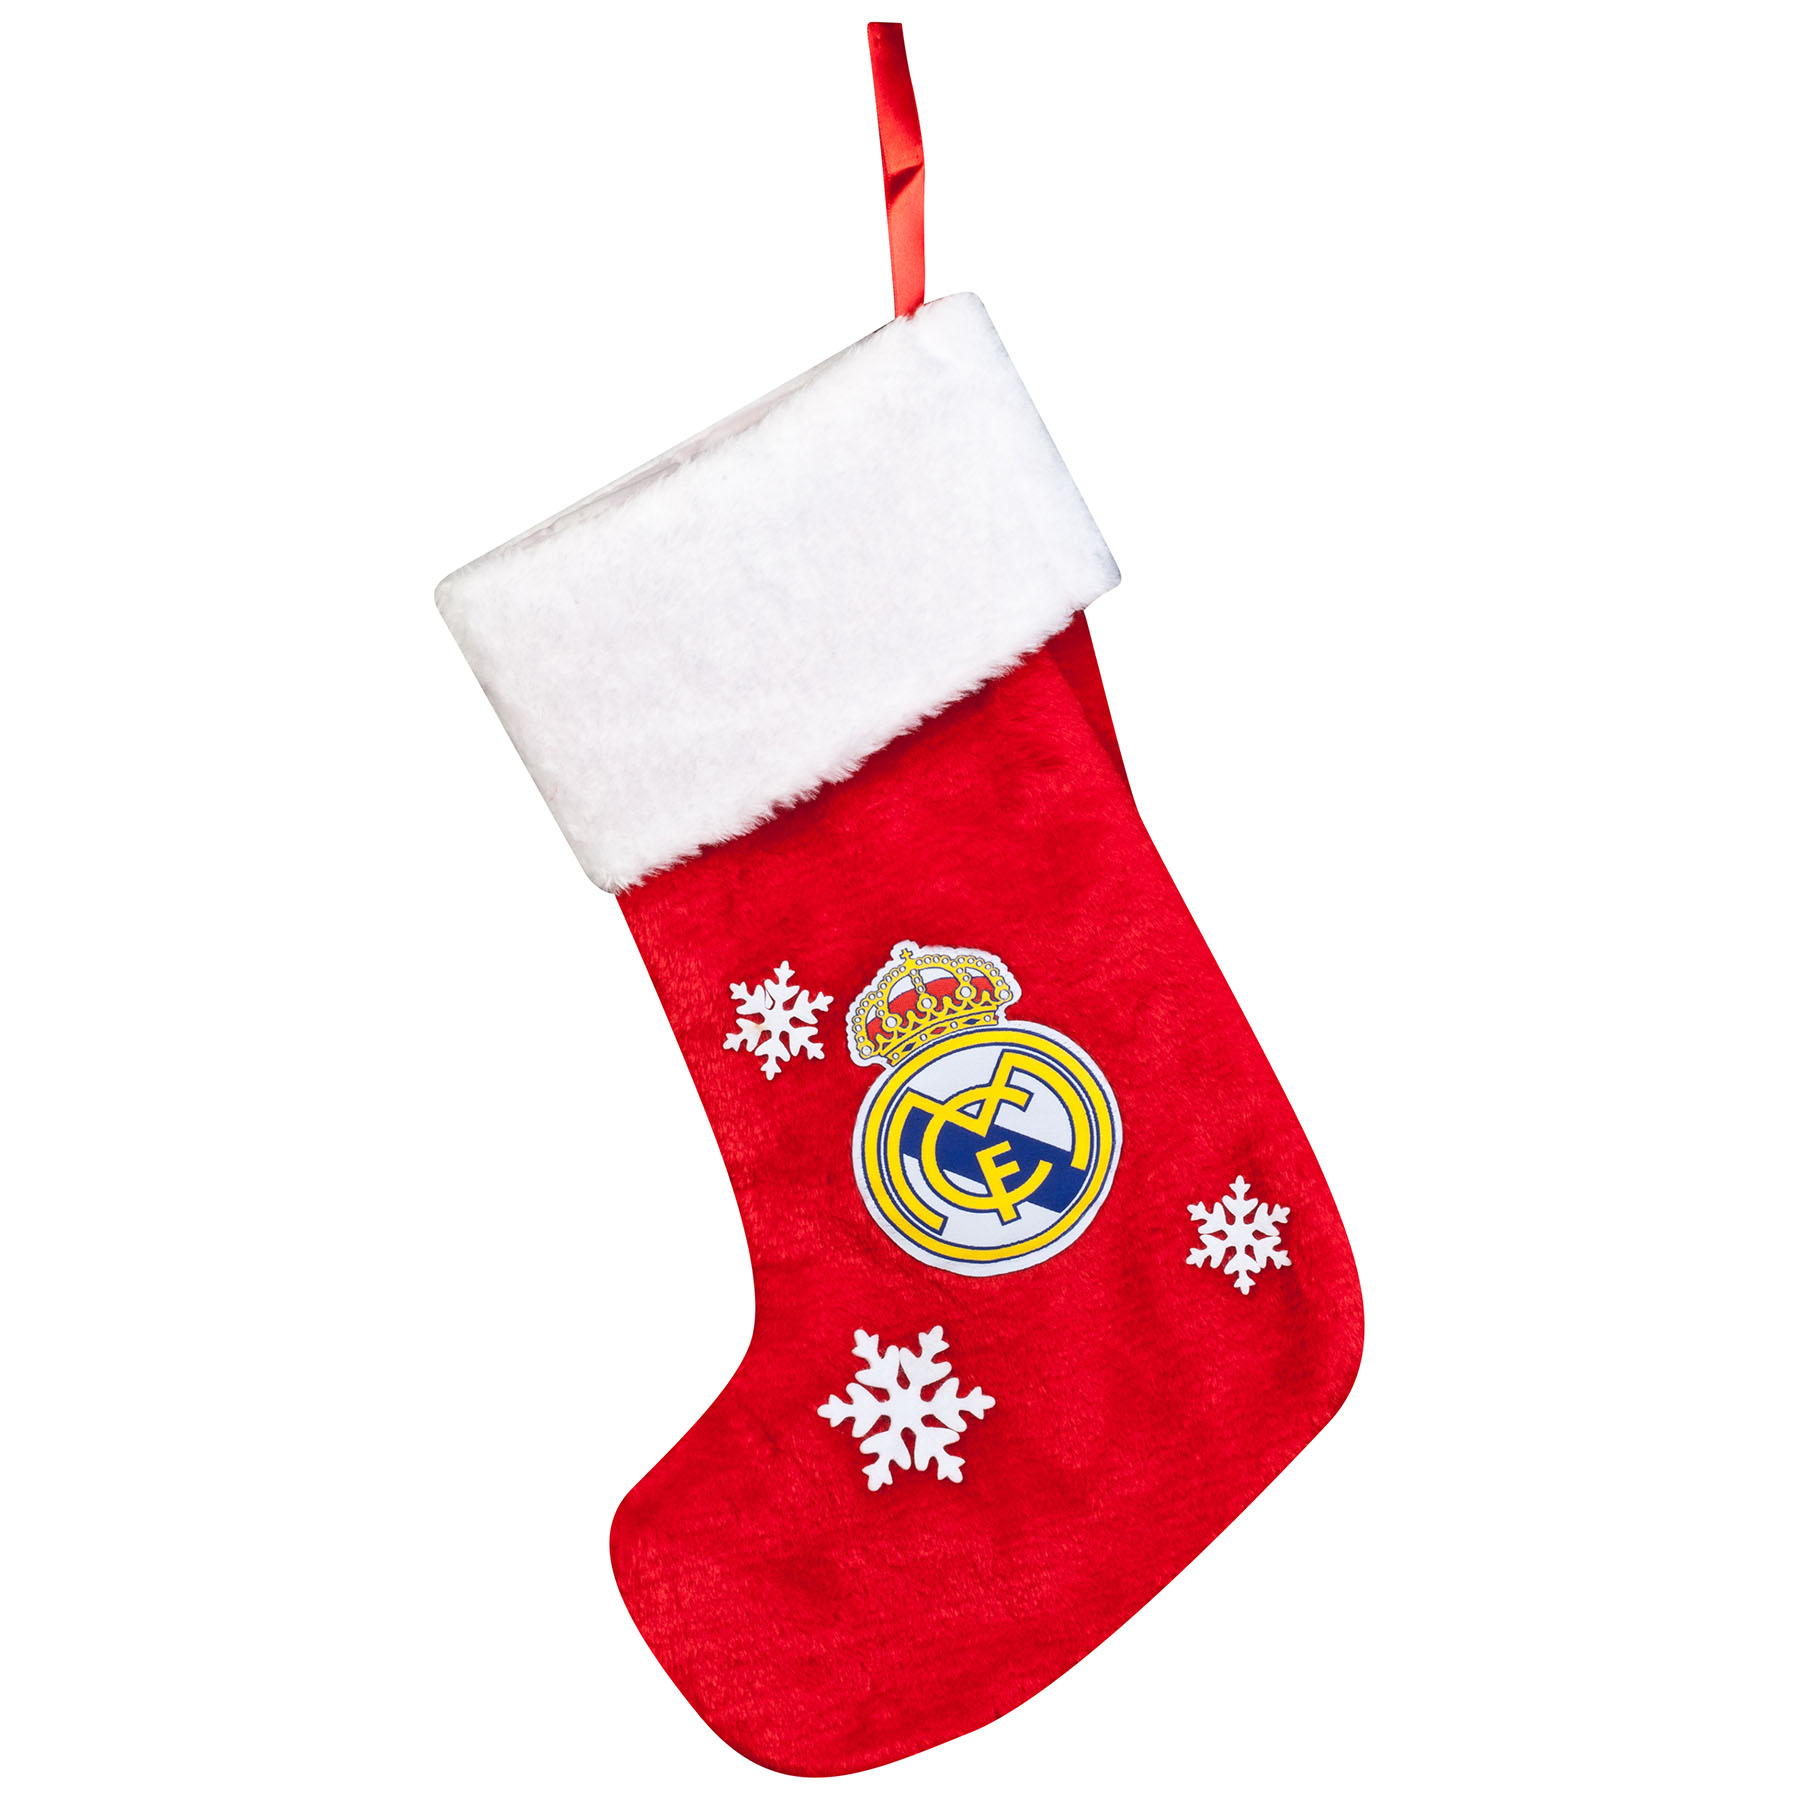 Real Madrid Calcet?de Navidad - Rojo